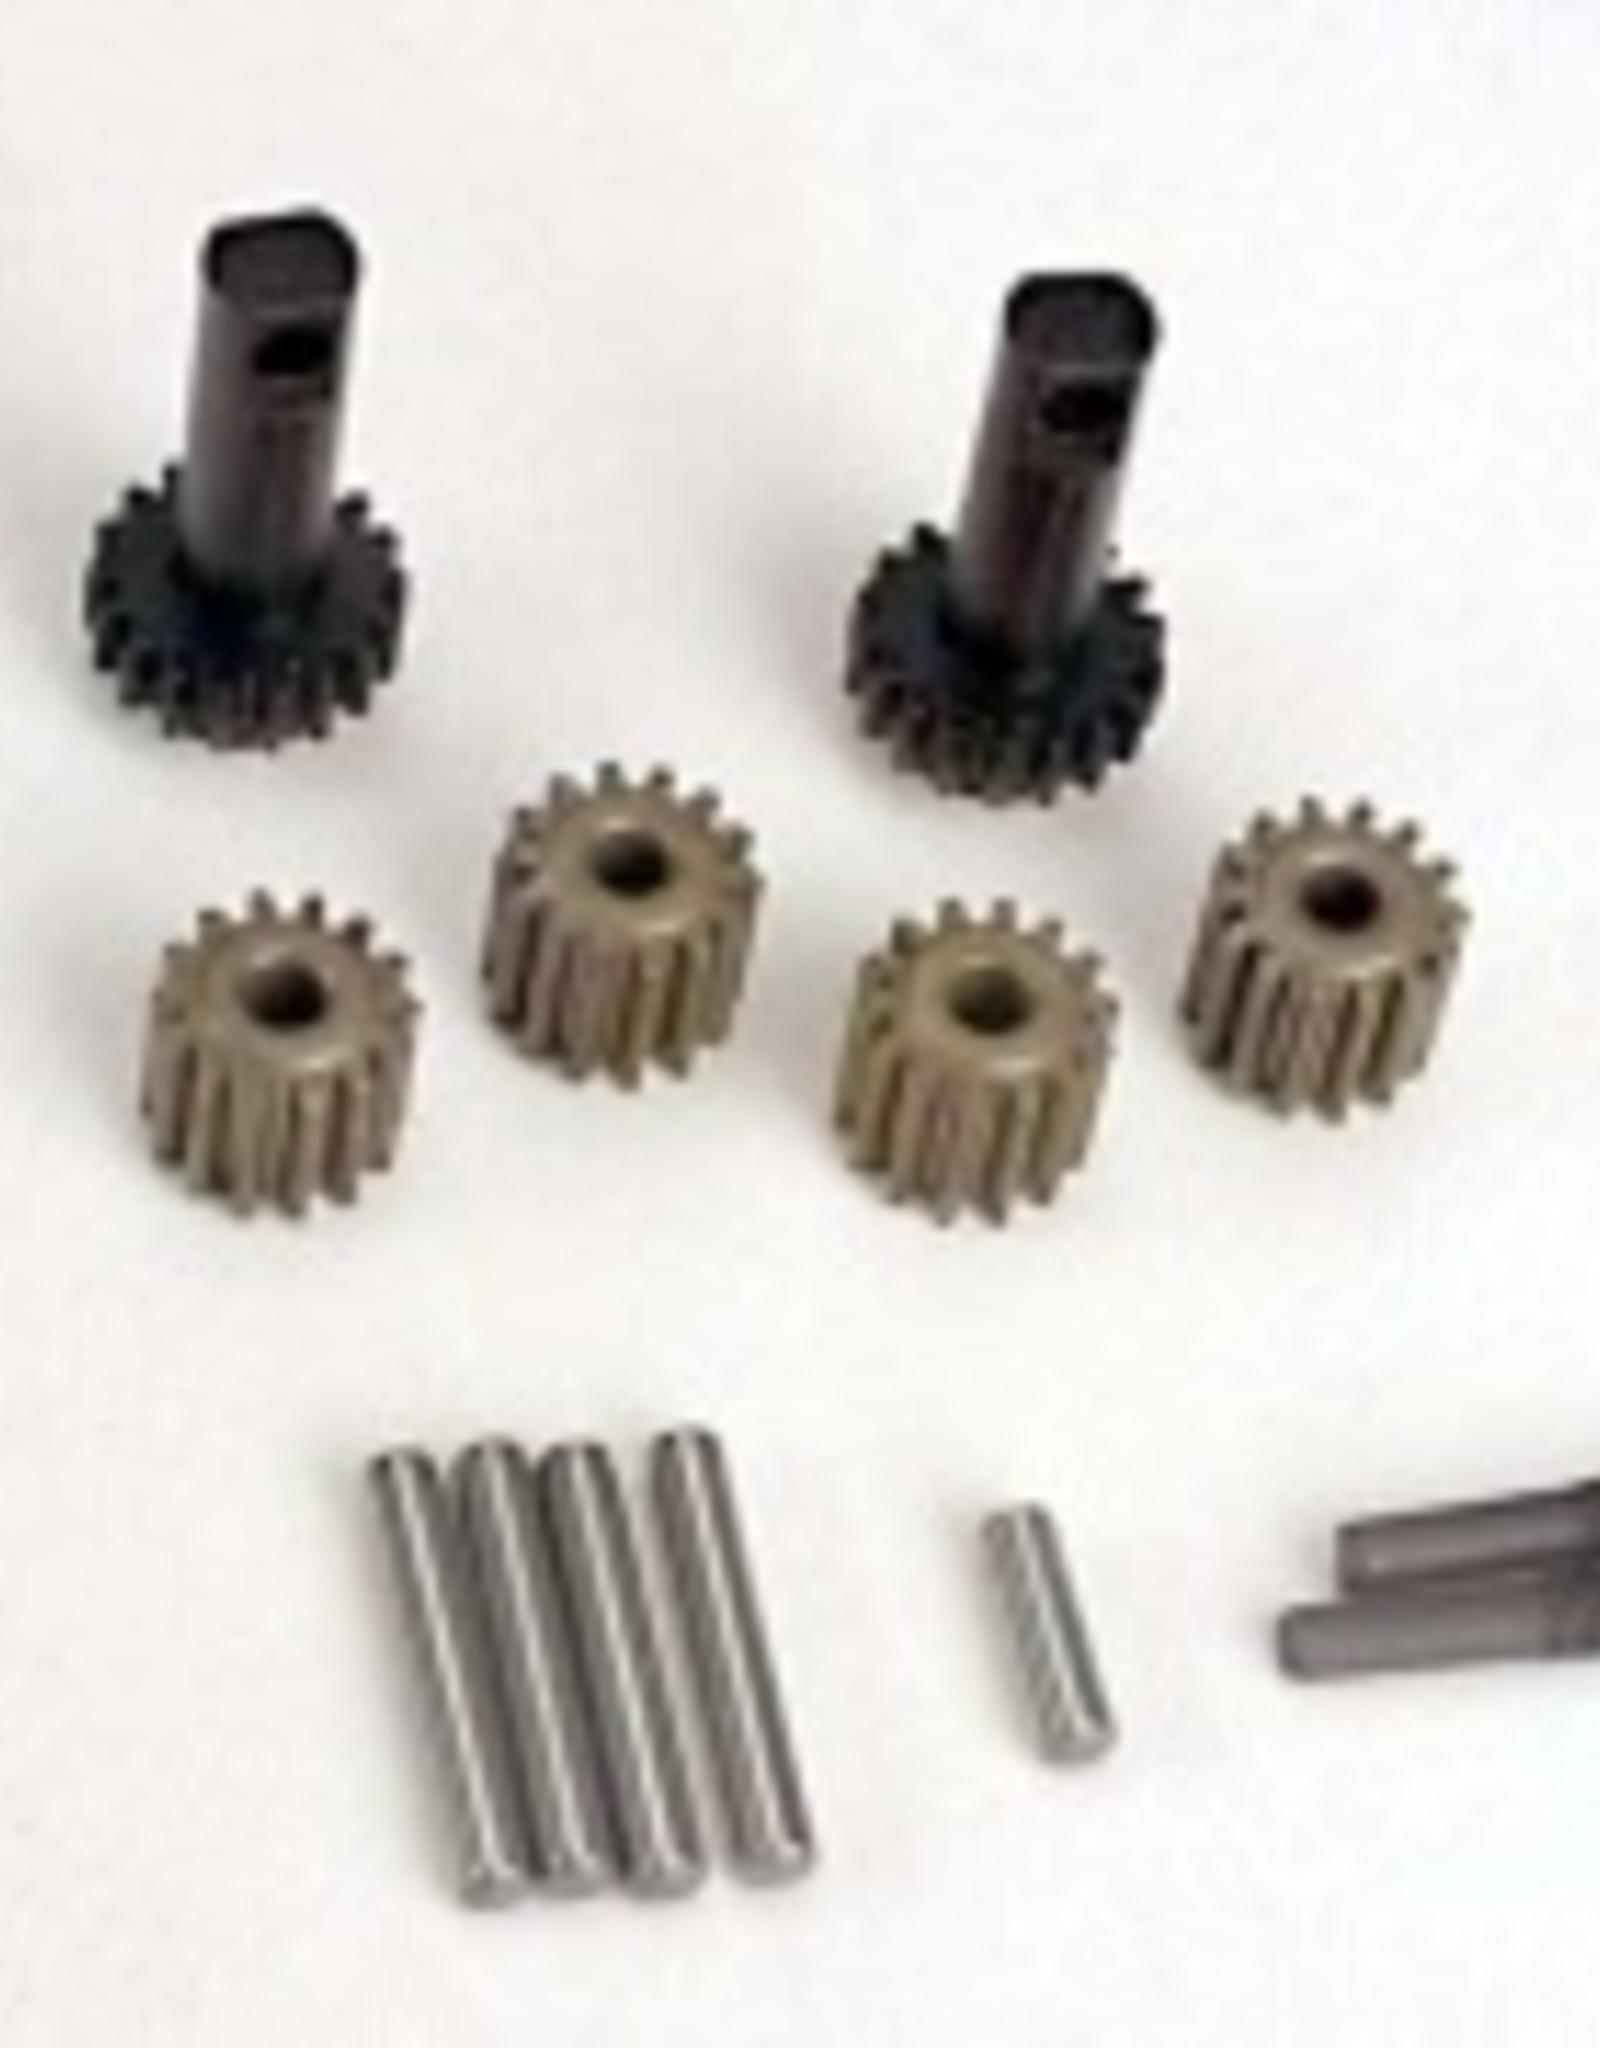 Traxxas Planet gears (4)/ planet shafts (4)/ sun gears (2)/sun gear alignment shaft (1) all hardened steel